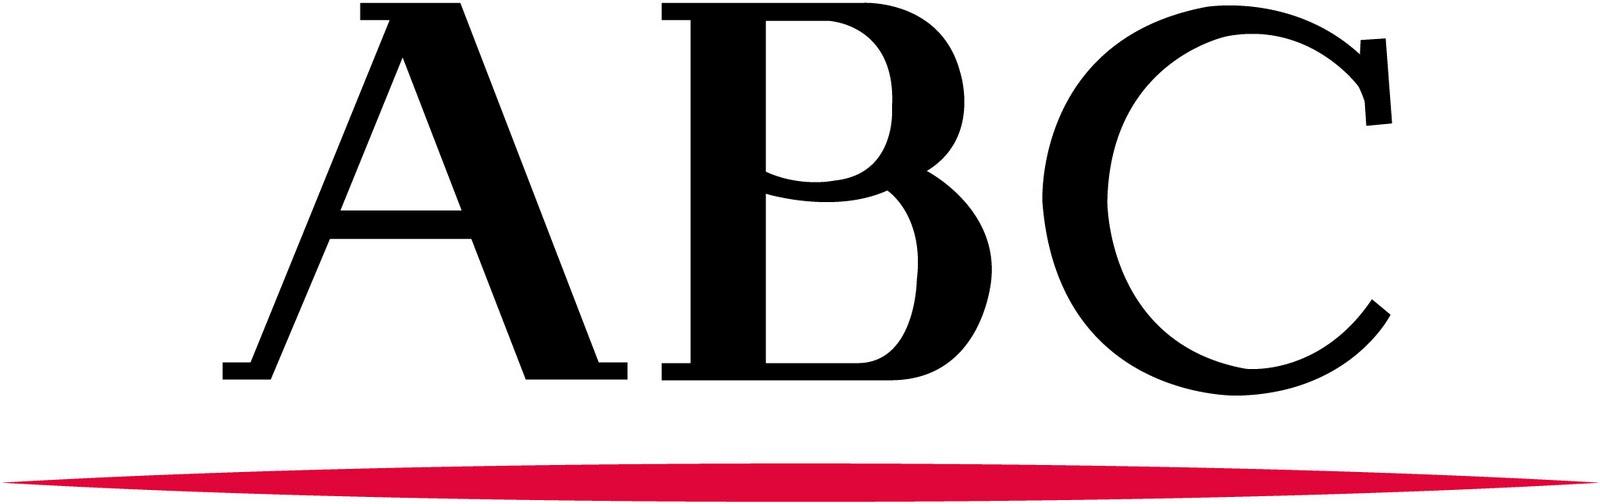 Ir a ABC